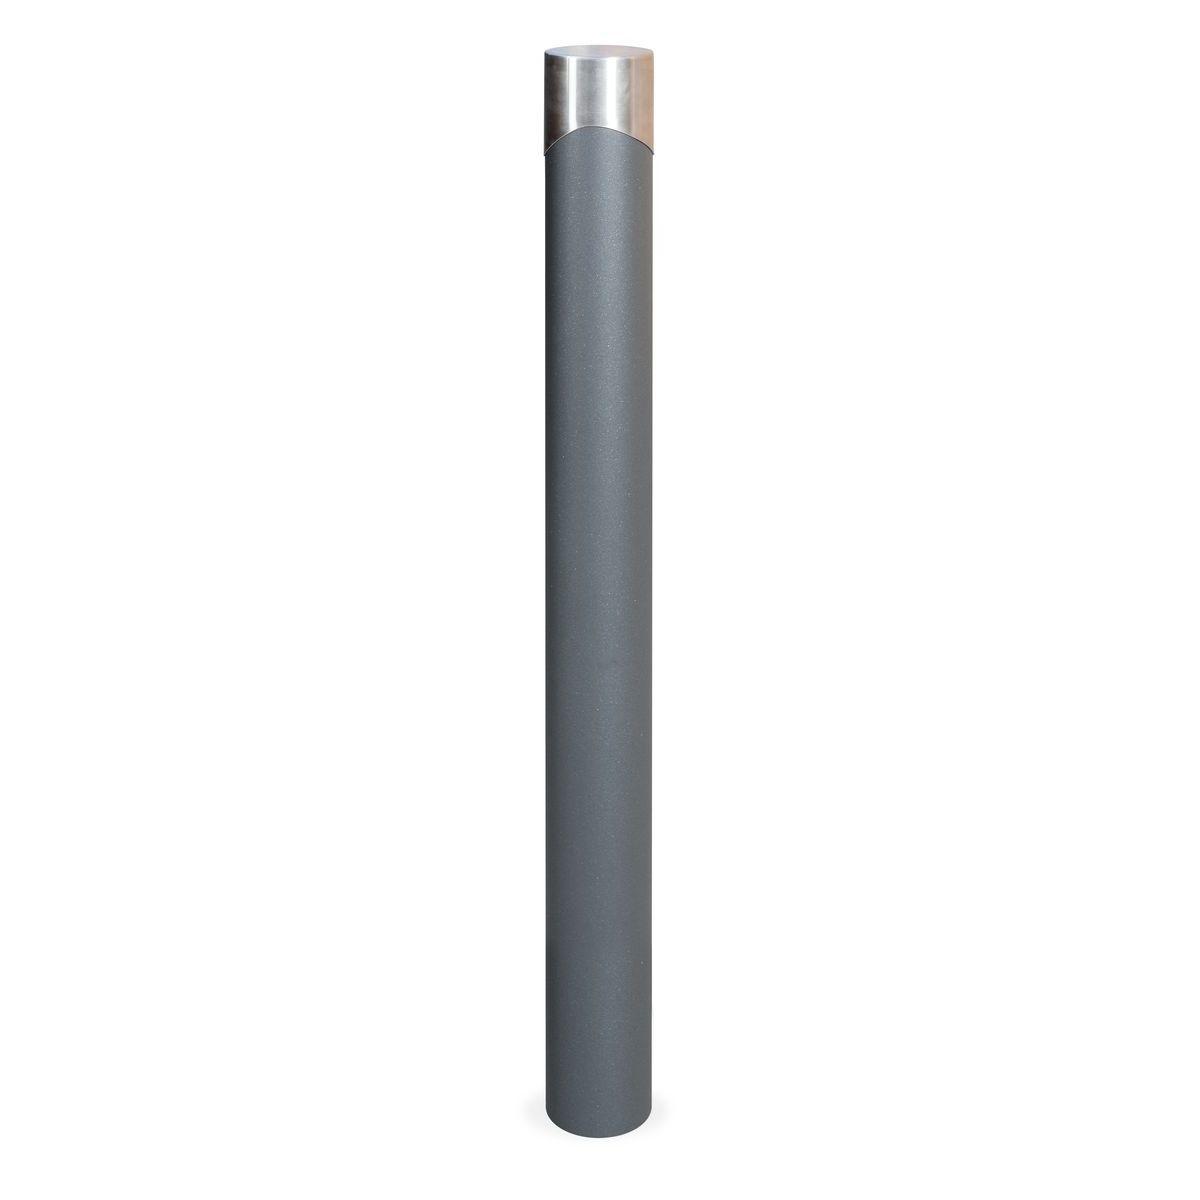 Pilona Duna con tapón de acero inoxidable de 998mm de alto - C-525